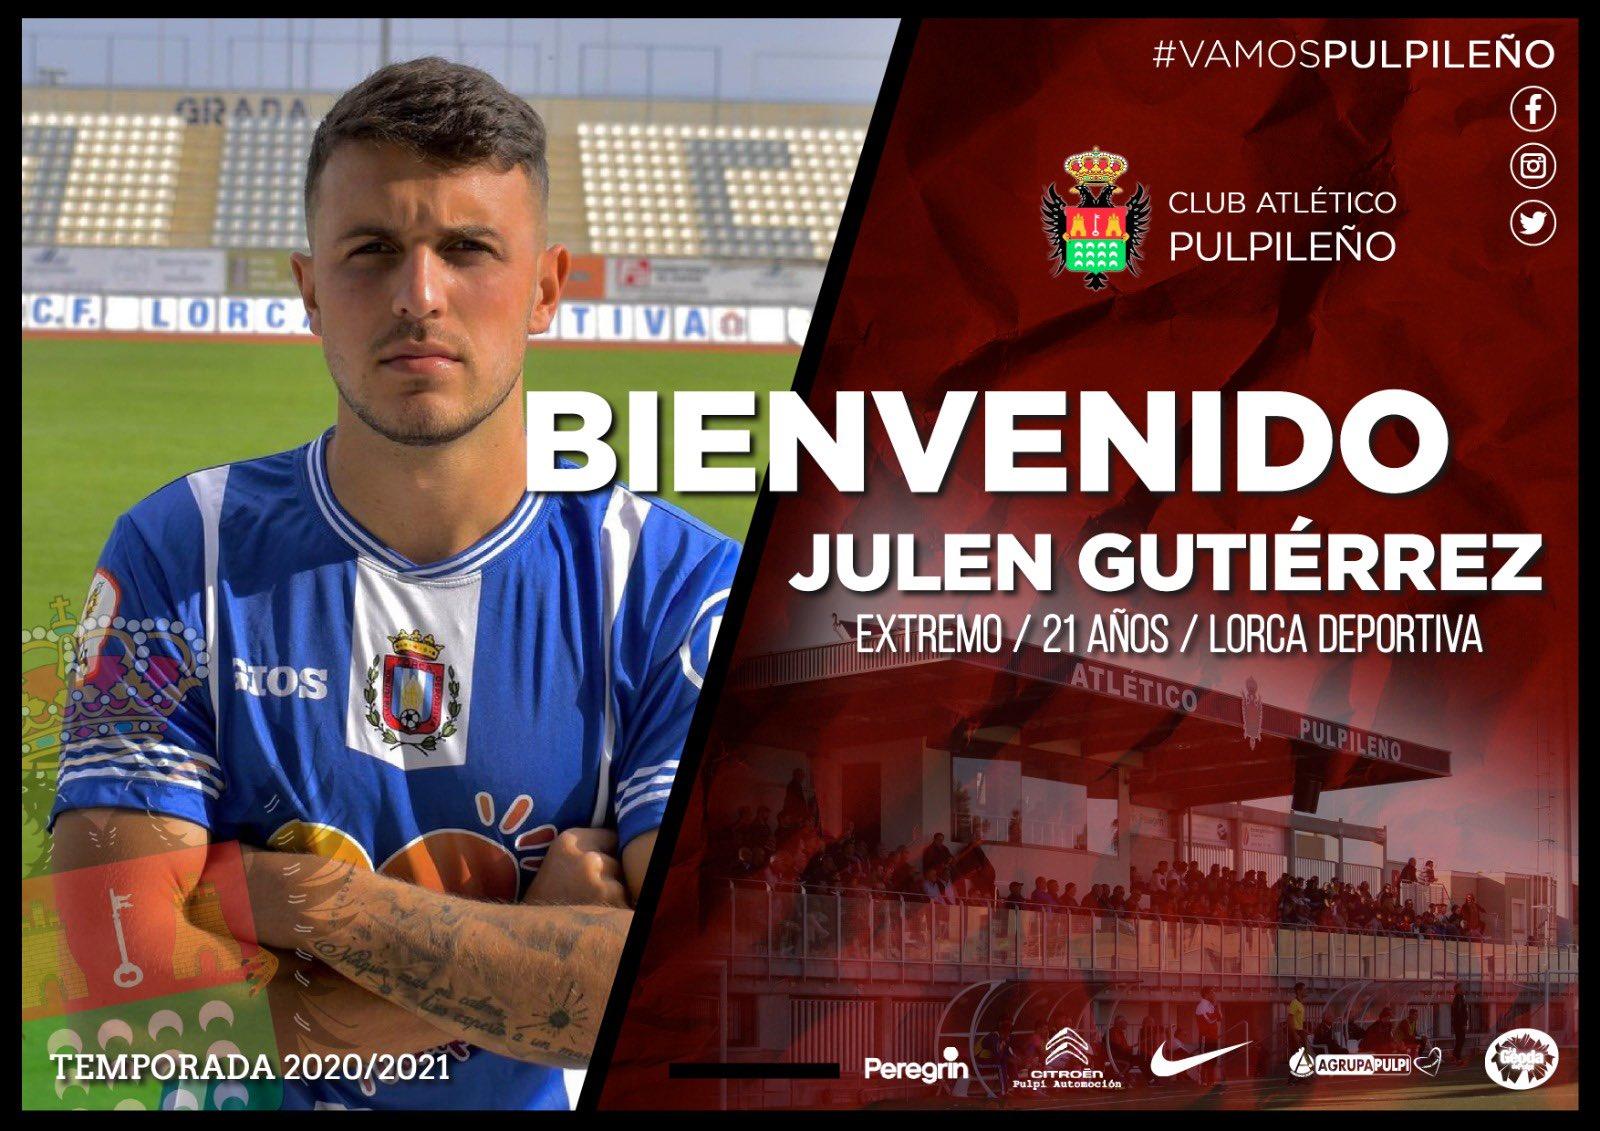 Atlético Pulpileño fichaje Julen